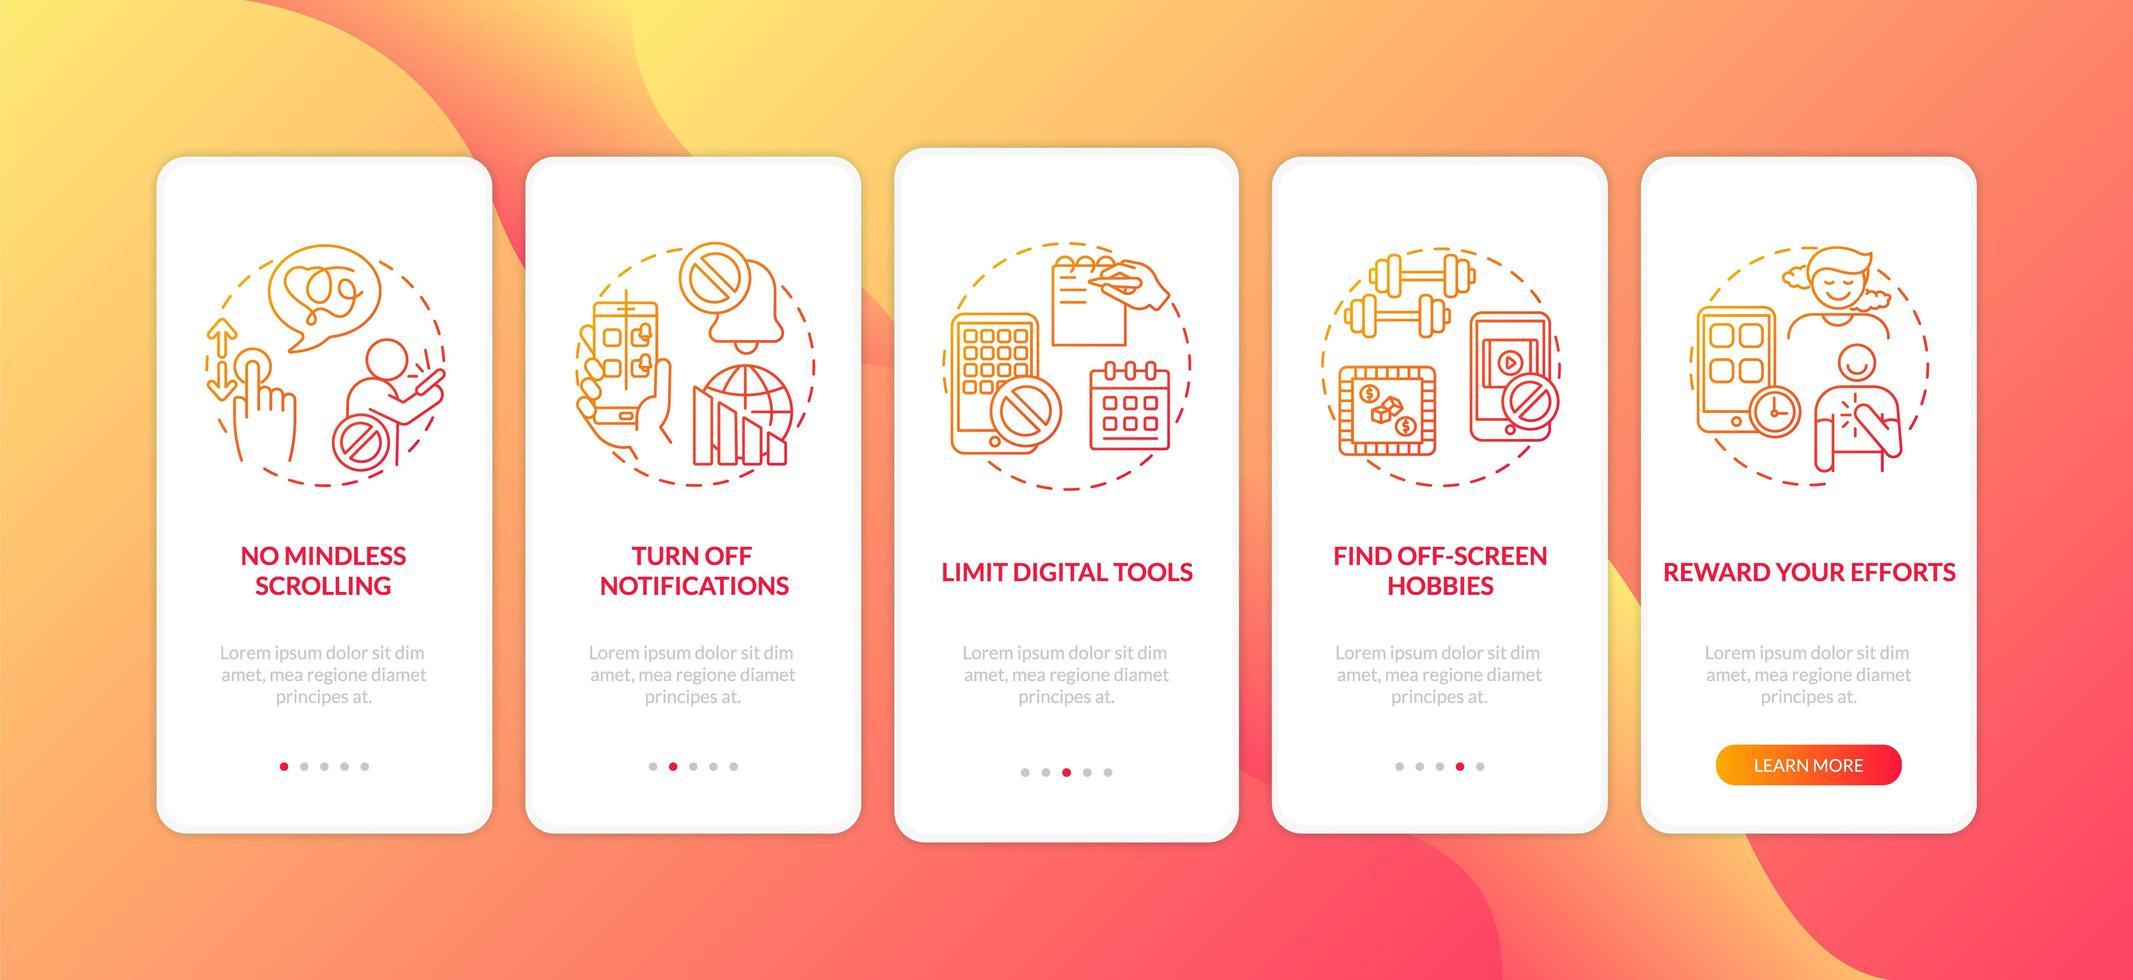 lucha contra la adicción a la tecnología incorporando la pantalla de la página de la aplicación móvil con conceptos vector